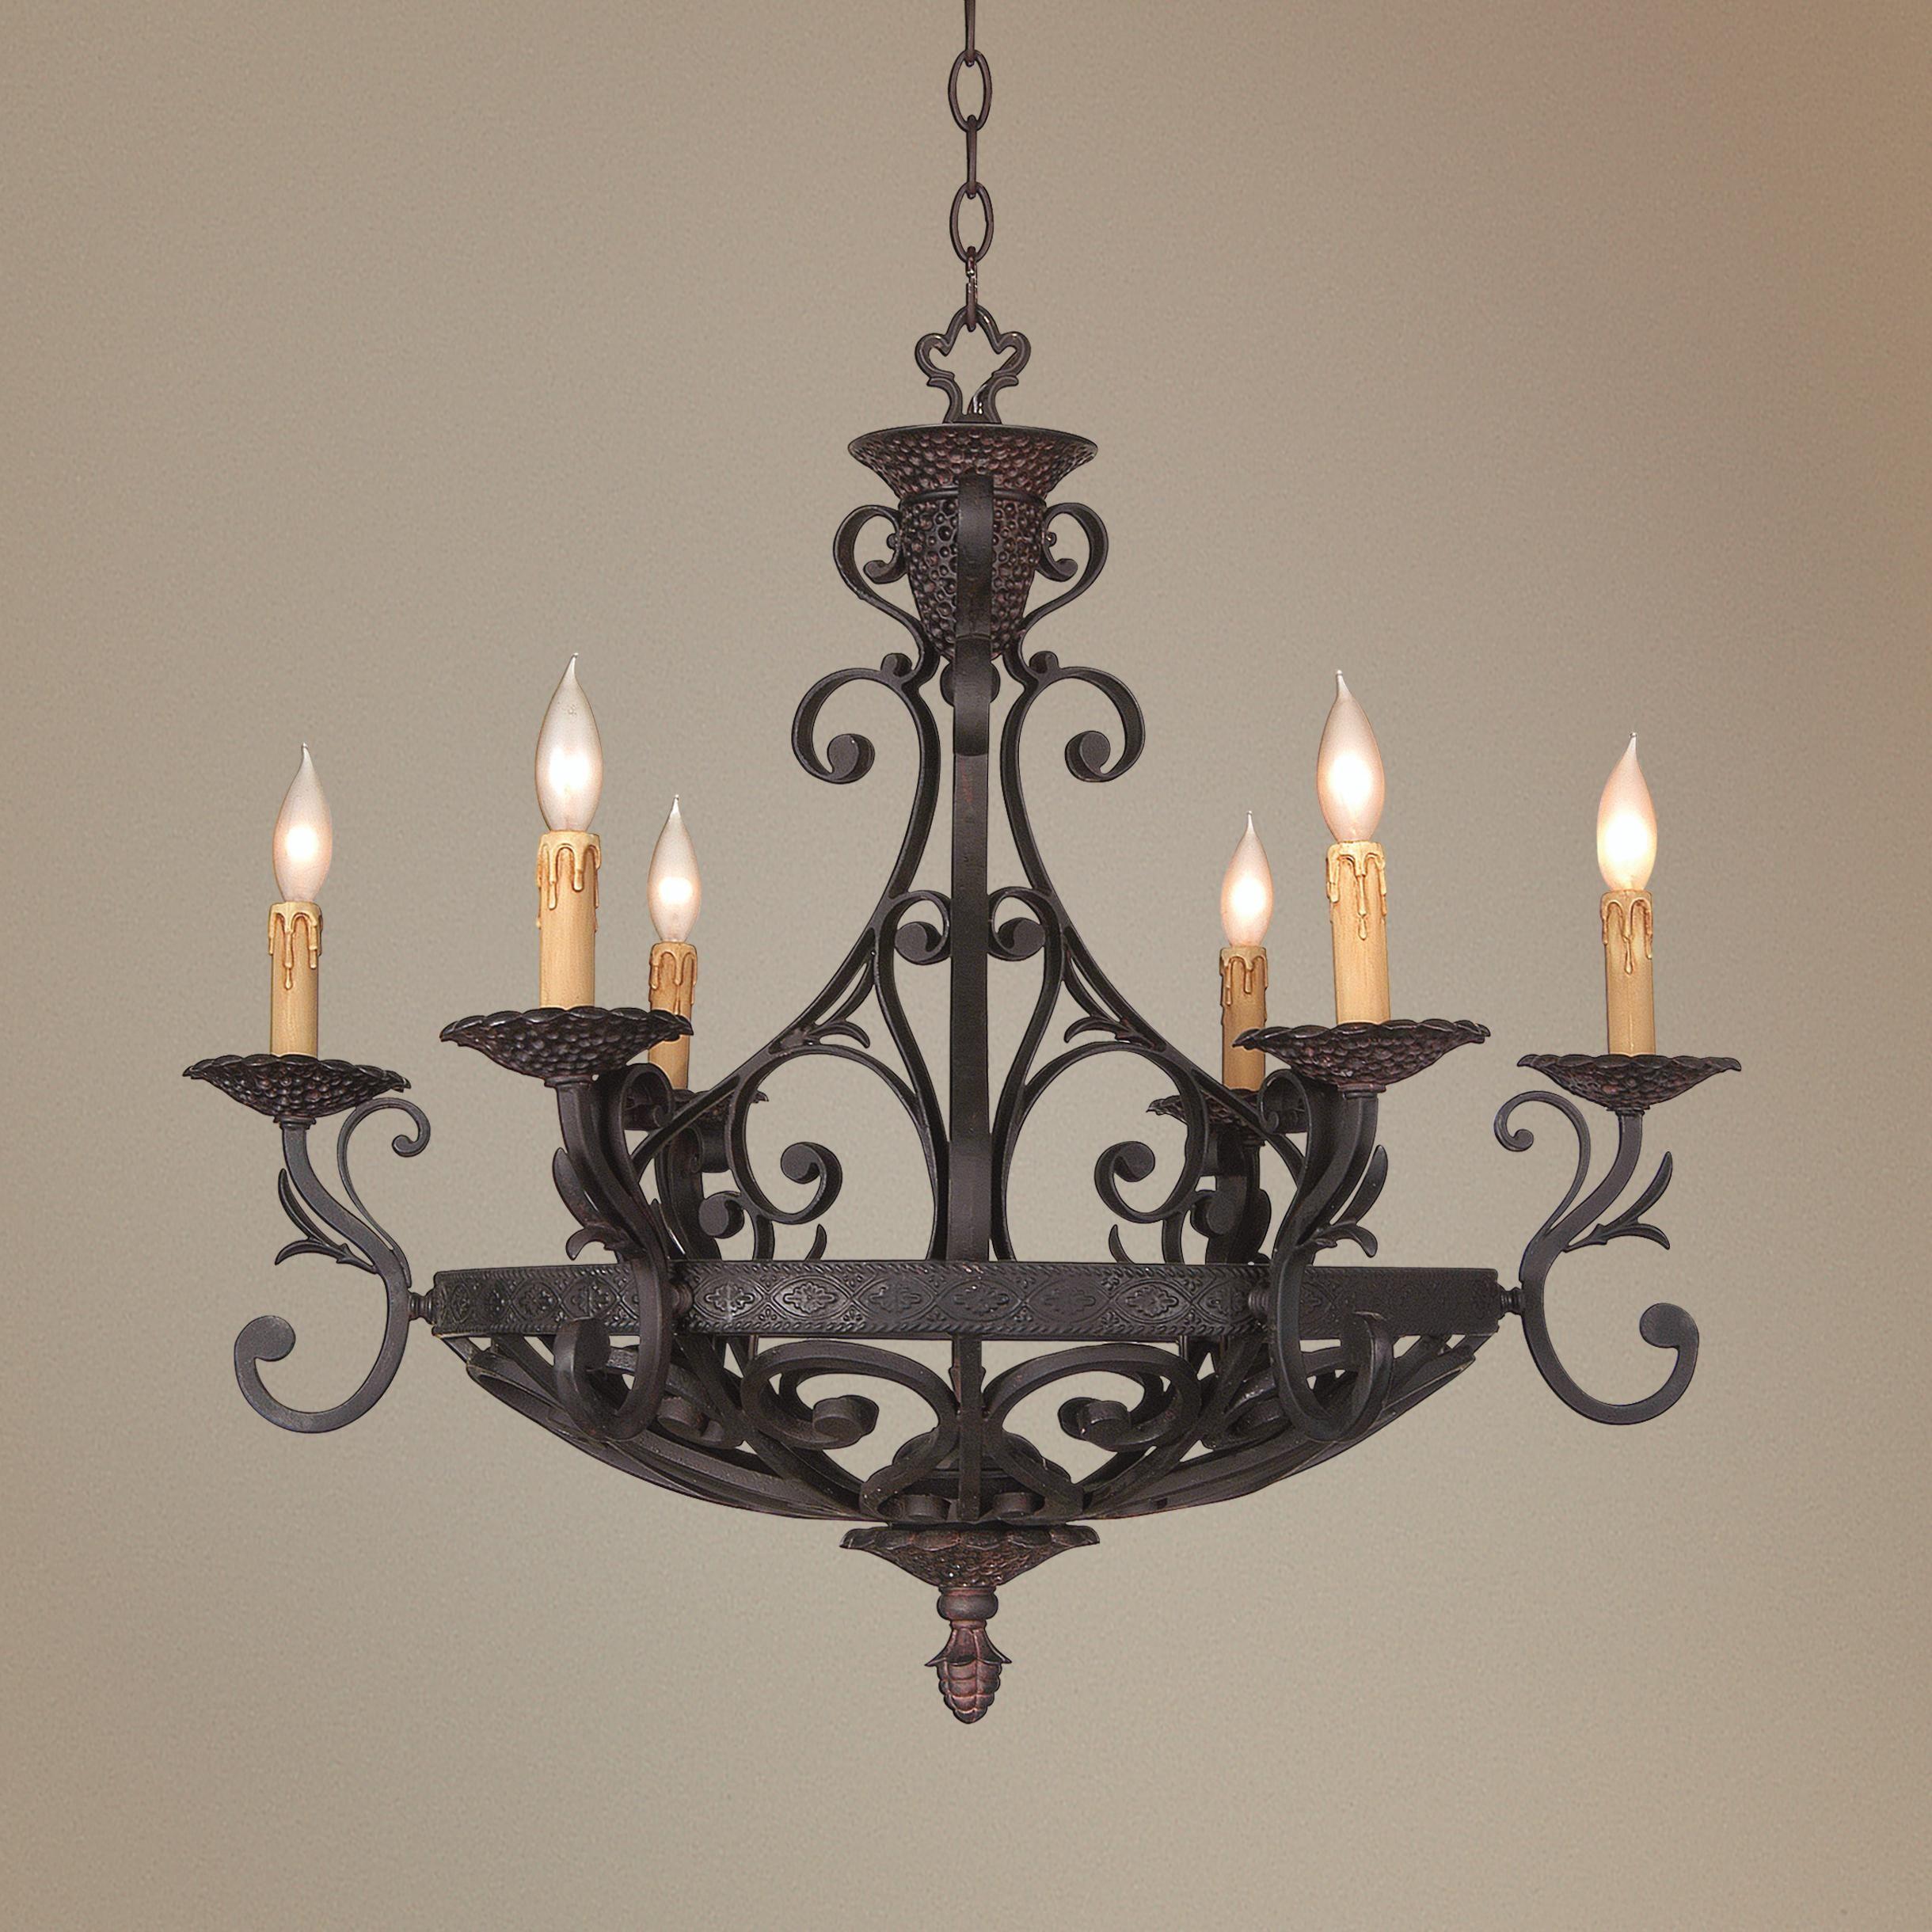 Kathy Ireland 32 1 2 Wide La Romantica Chandelier 23280 Lamps Plus Iron Chandeliers Rustic Pendant Lighting Chandelier